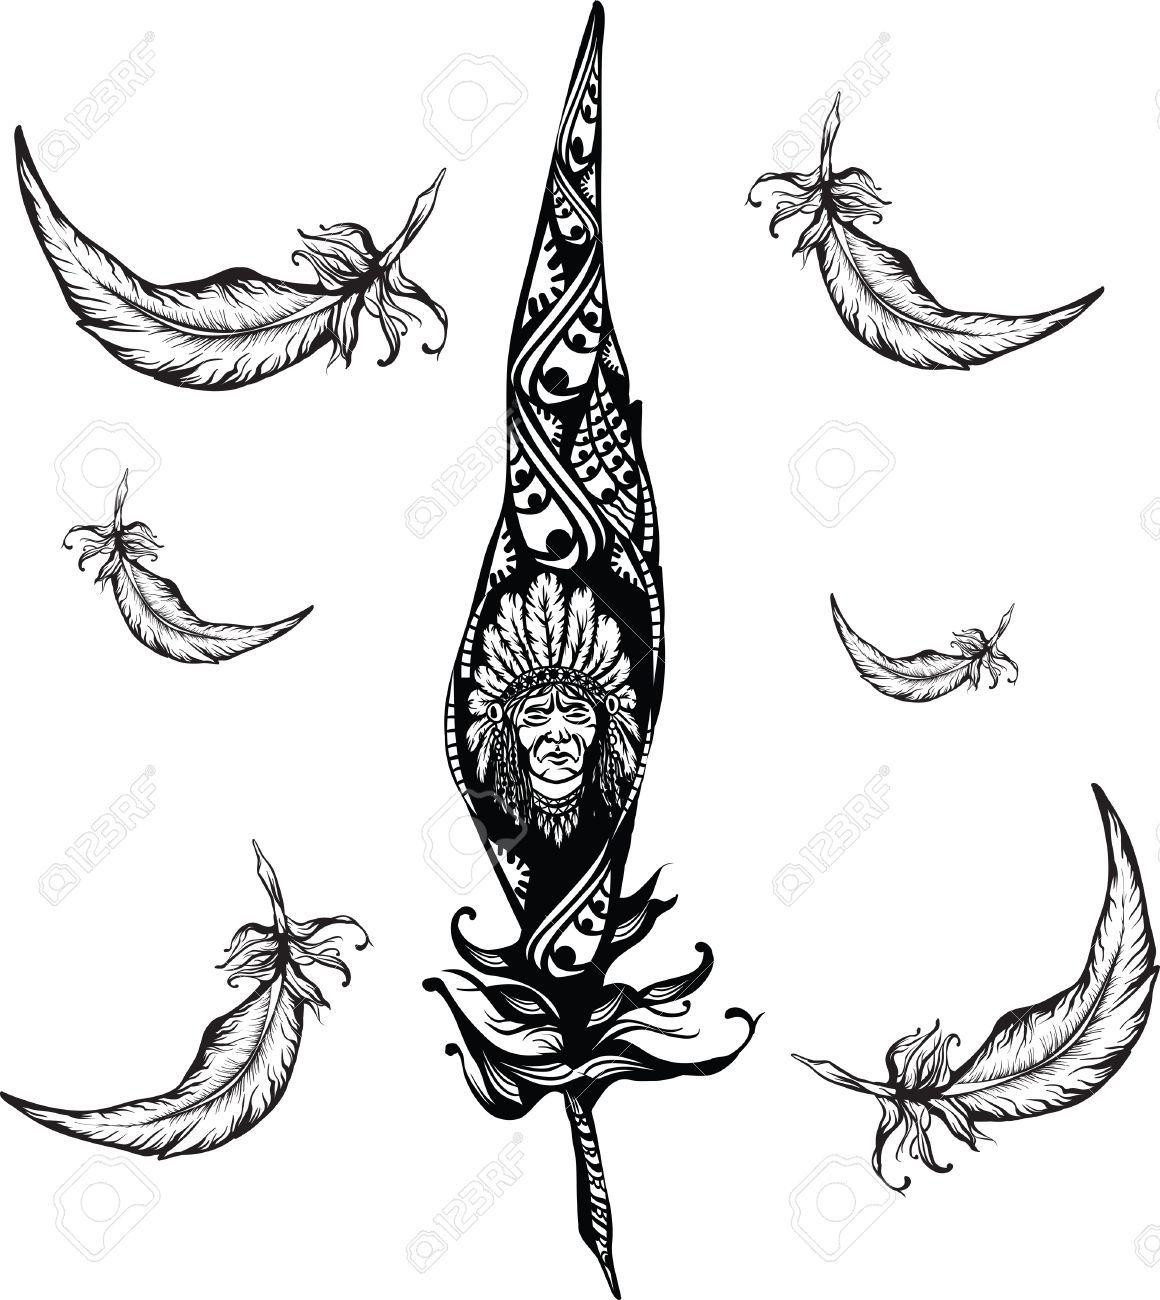 Image result for native american shaman symbols symbols native image result for native american shaman symbols buycottarizona Images